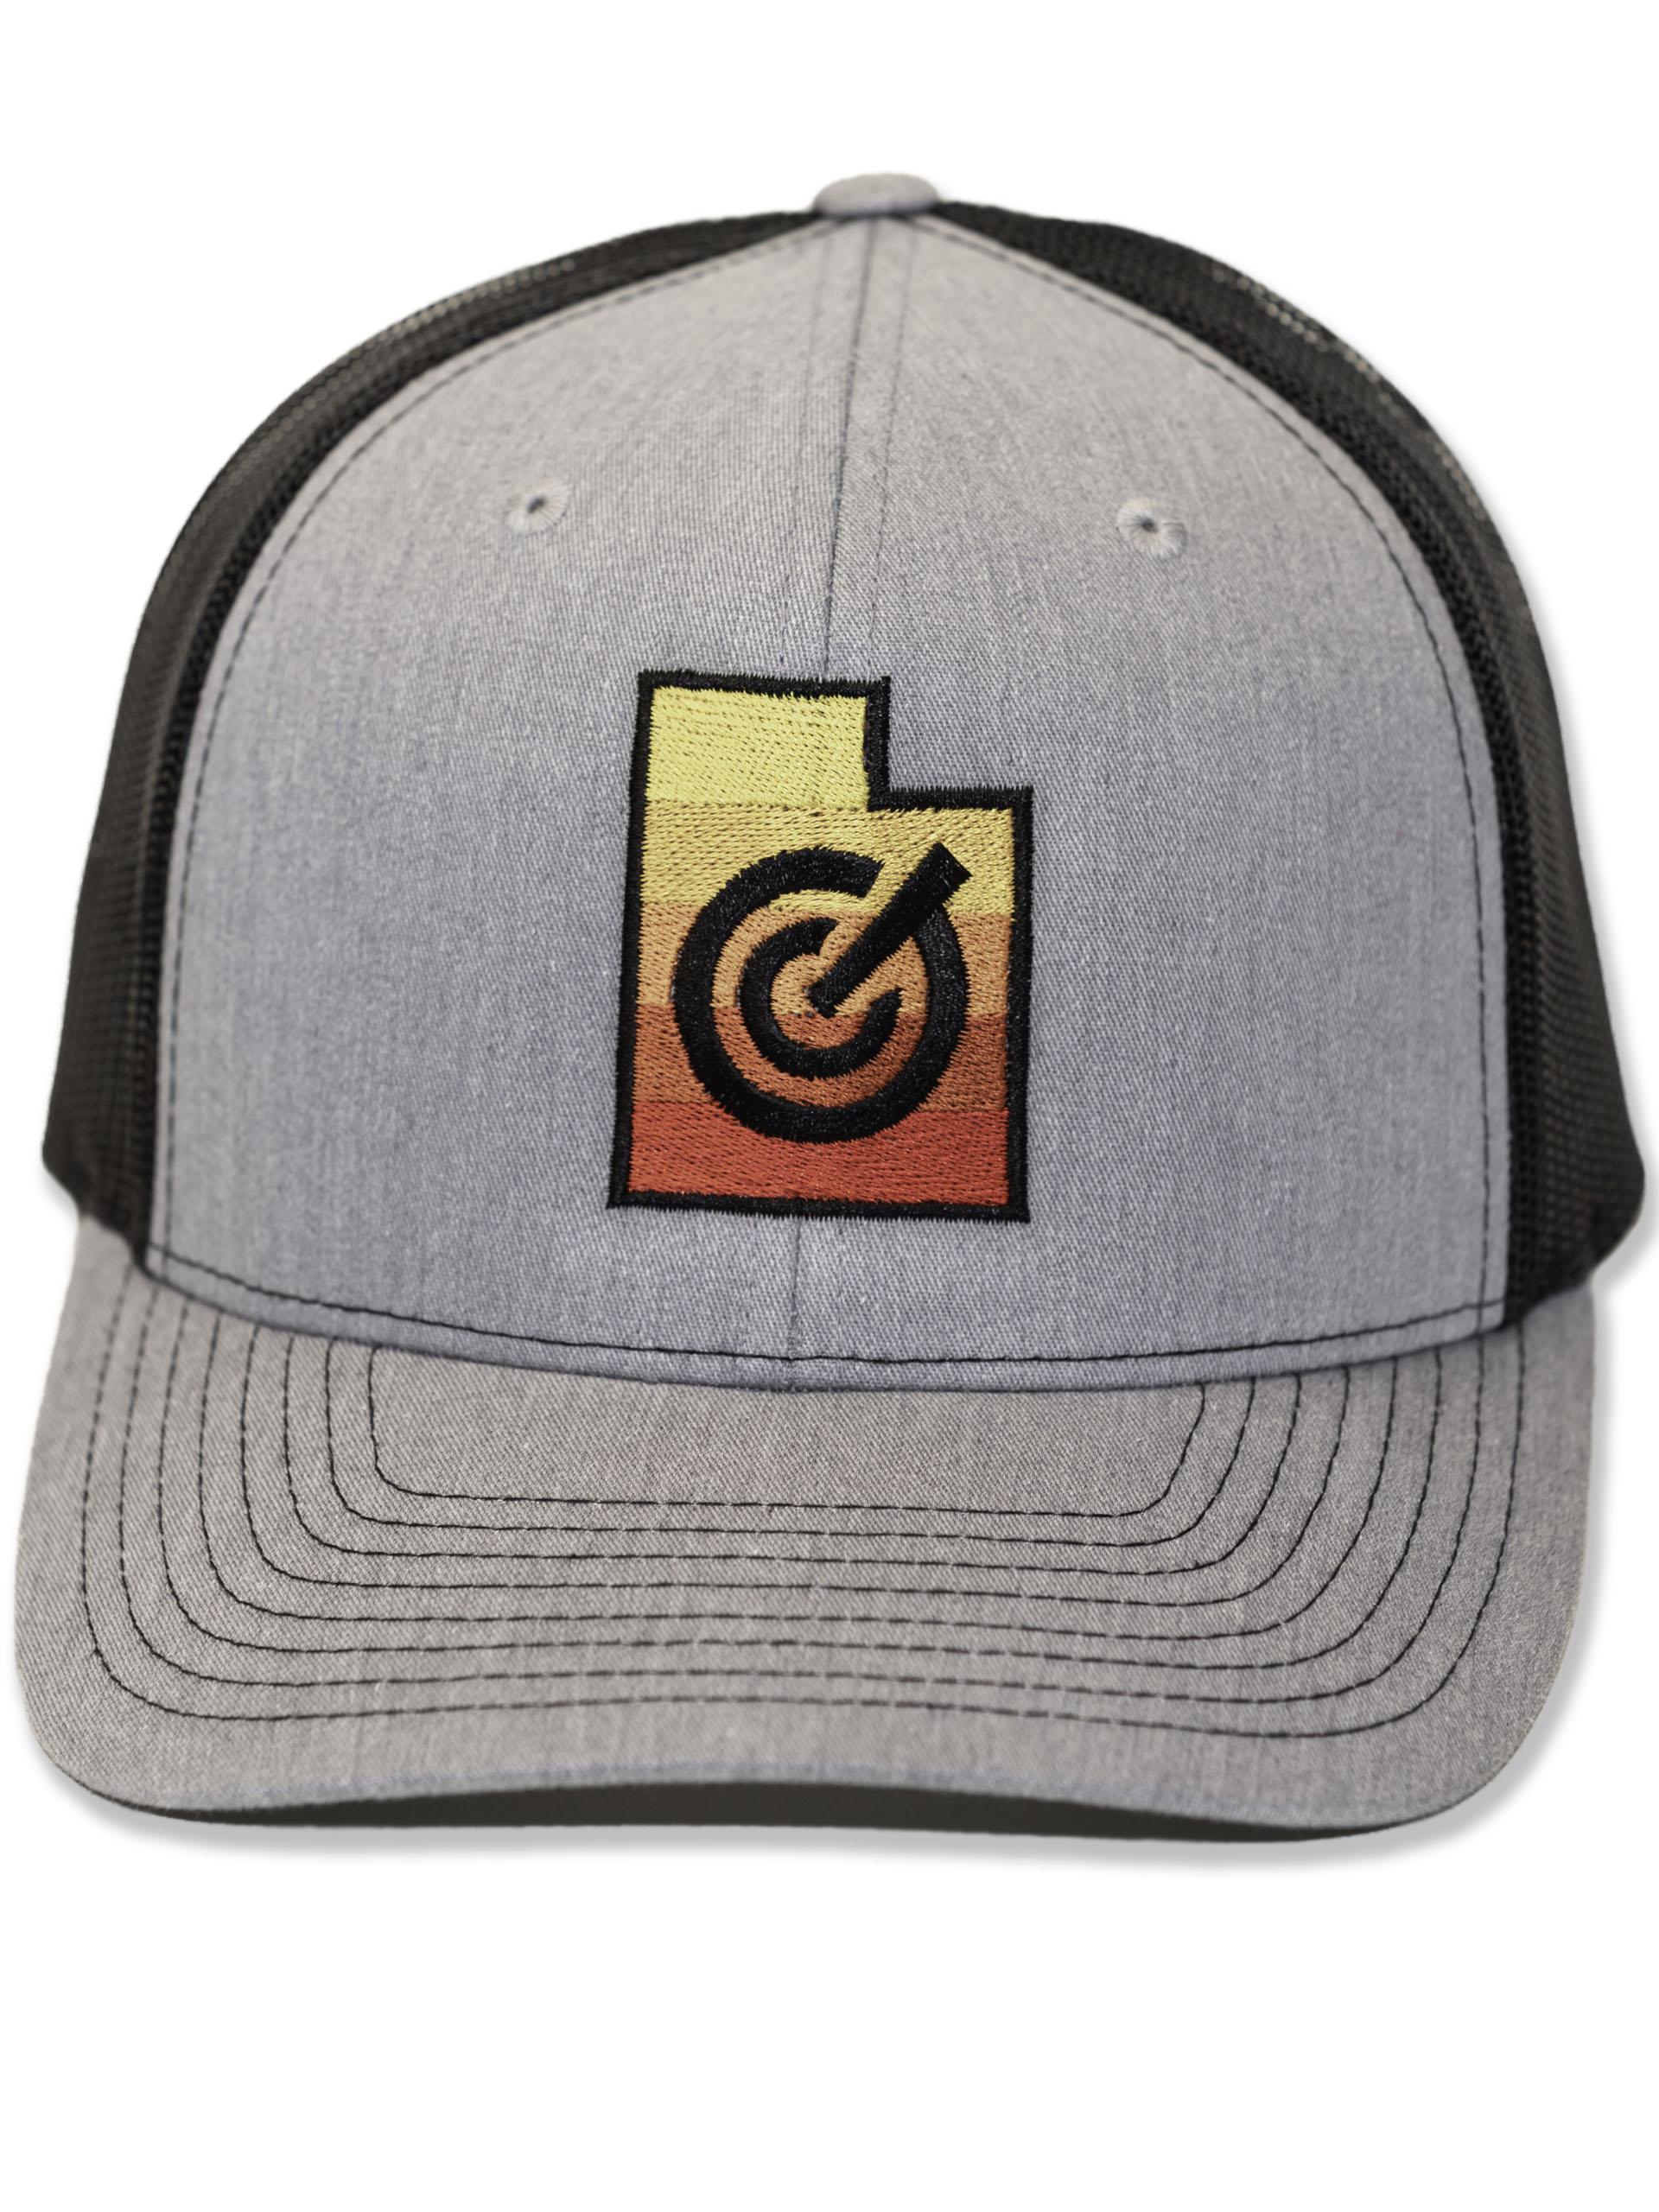 Grey Mesh Utah State Hat